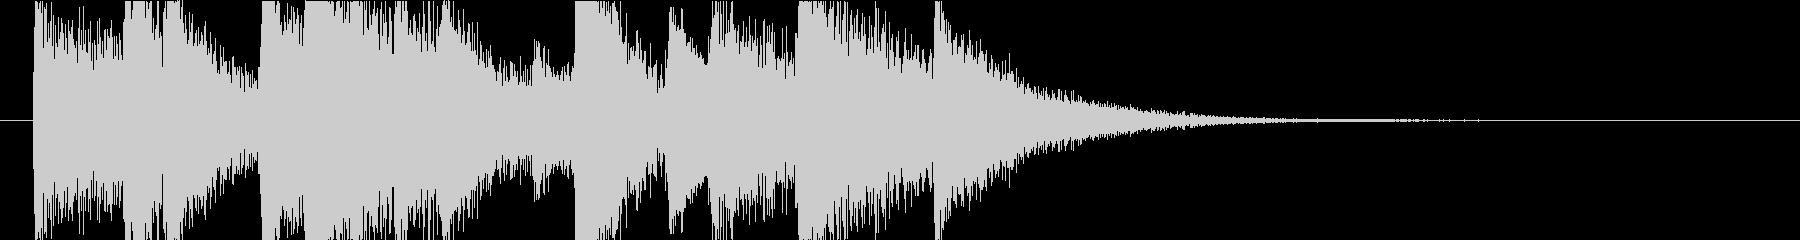 ジャズピアノのジングルの未再生の波形